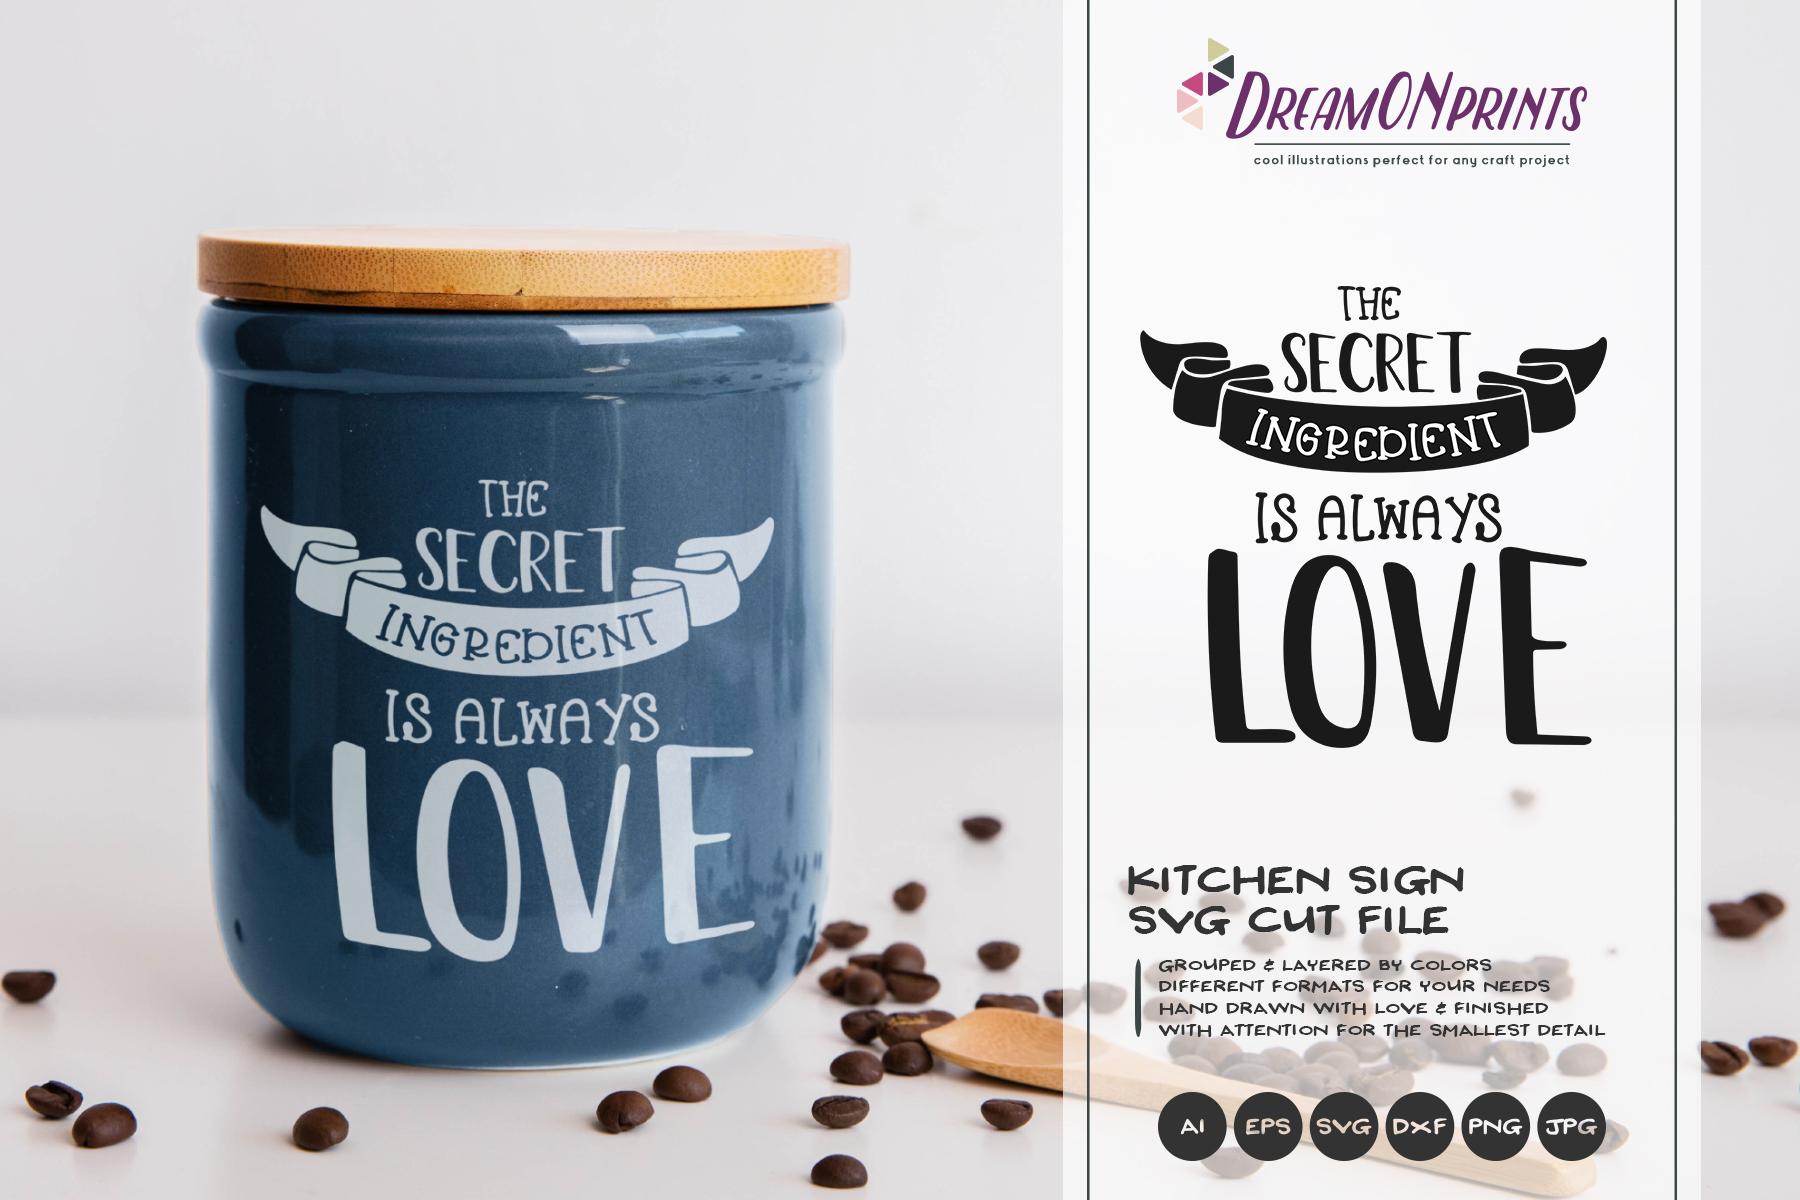 Secret Ingredient is Love | Kitchen Sign SVG | Sign Making example image 1